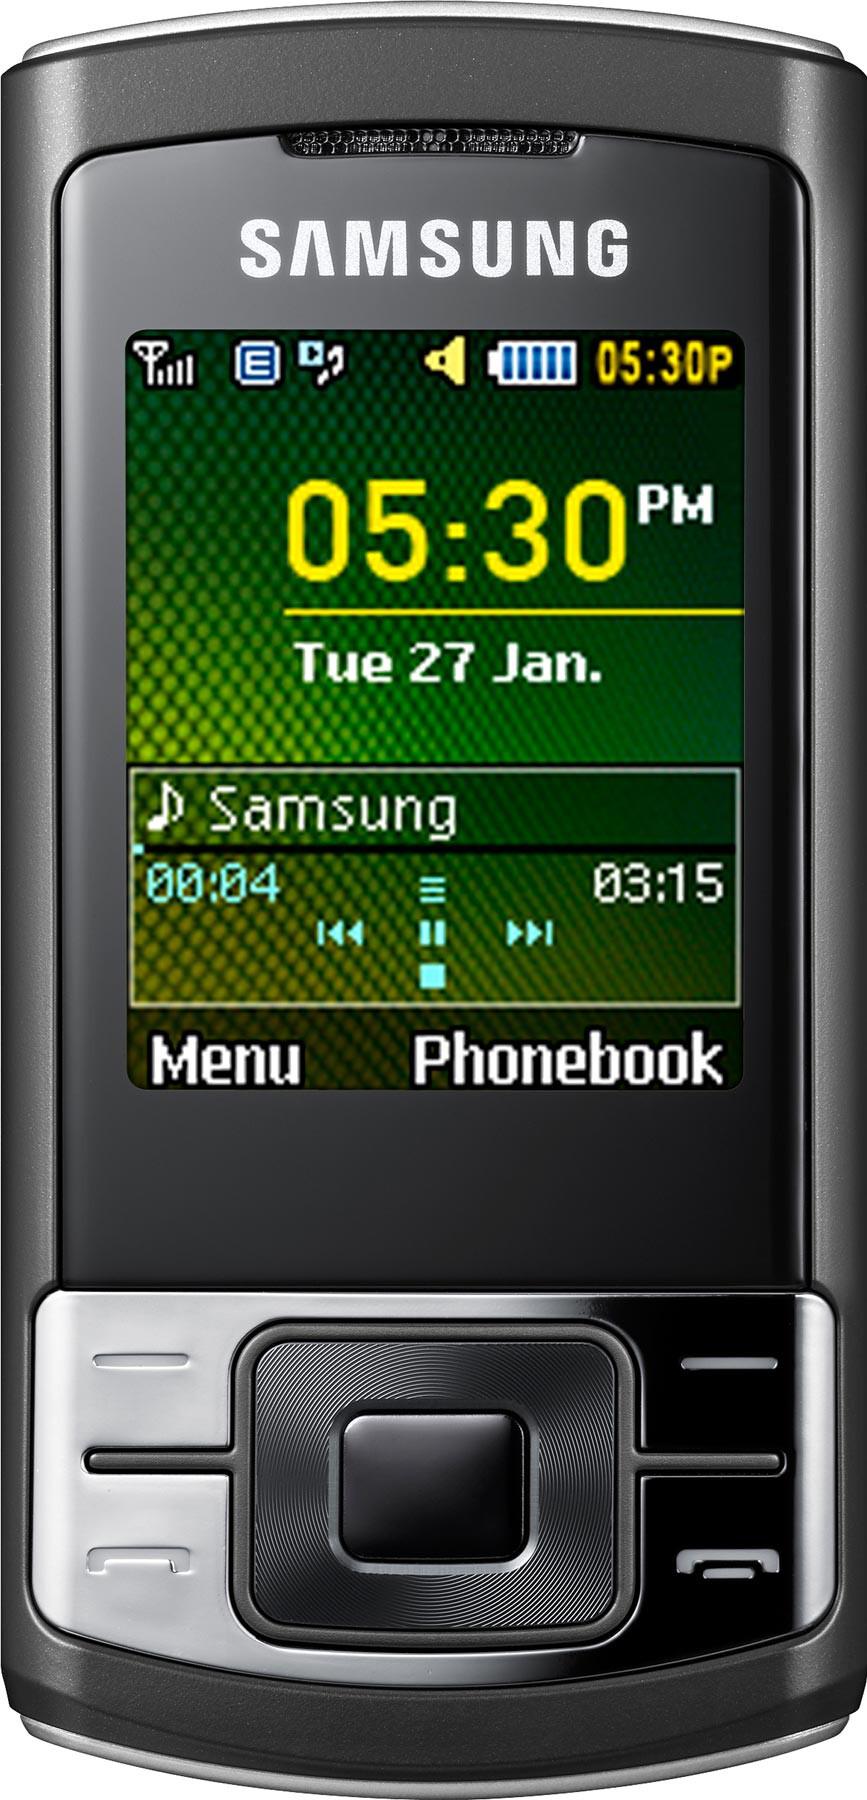 jeux samsung c3050 mobile9